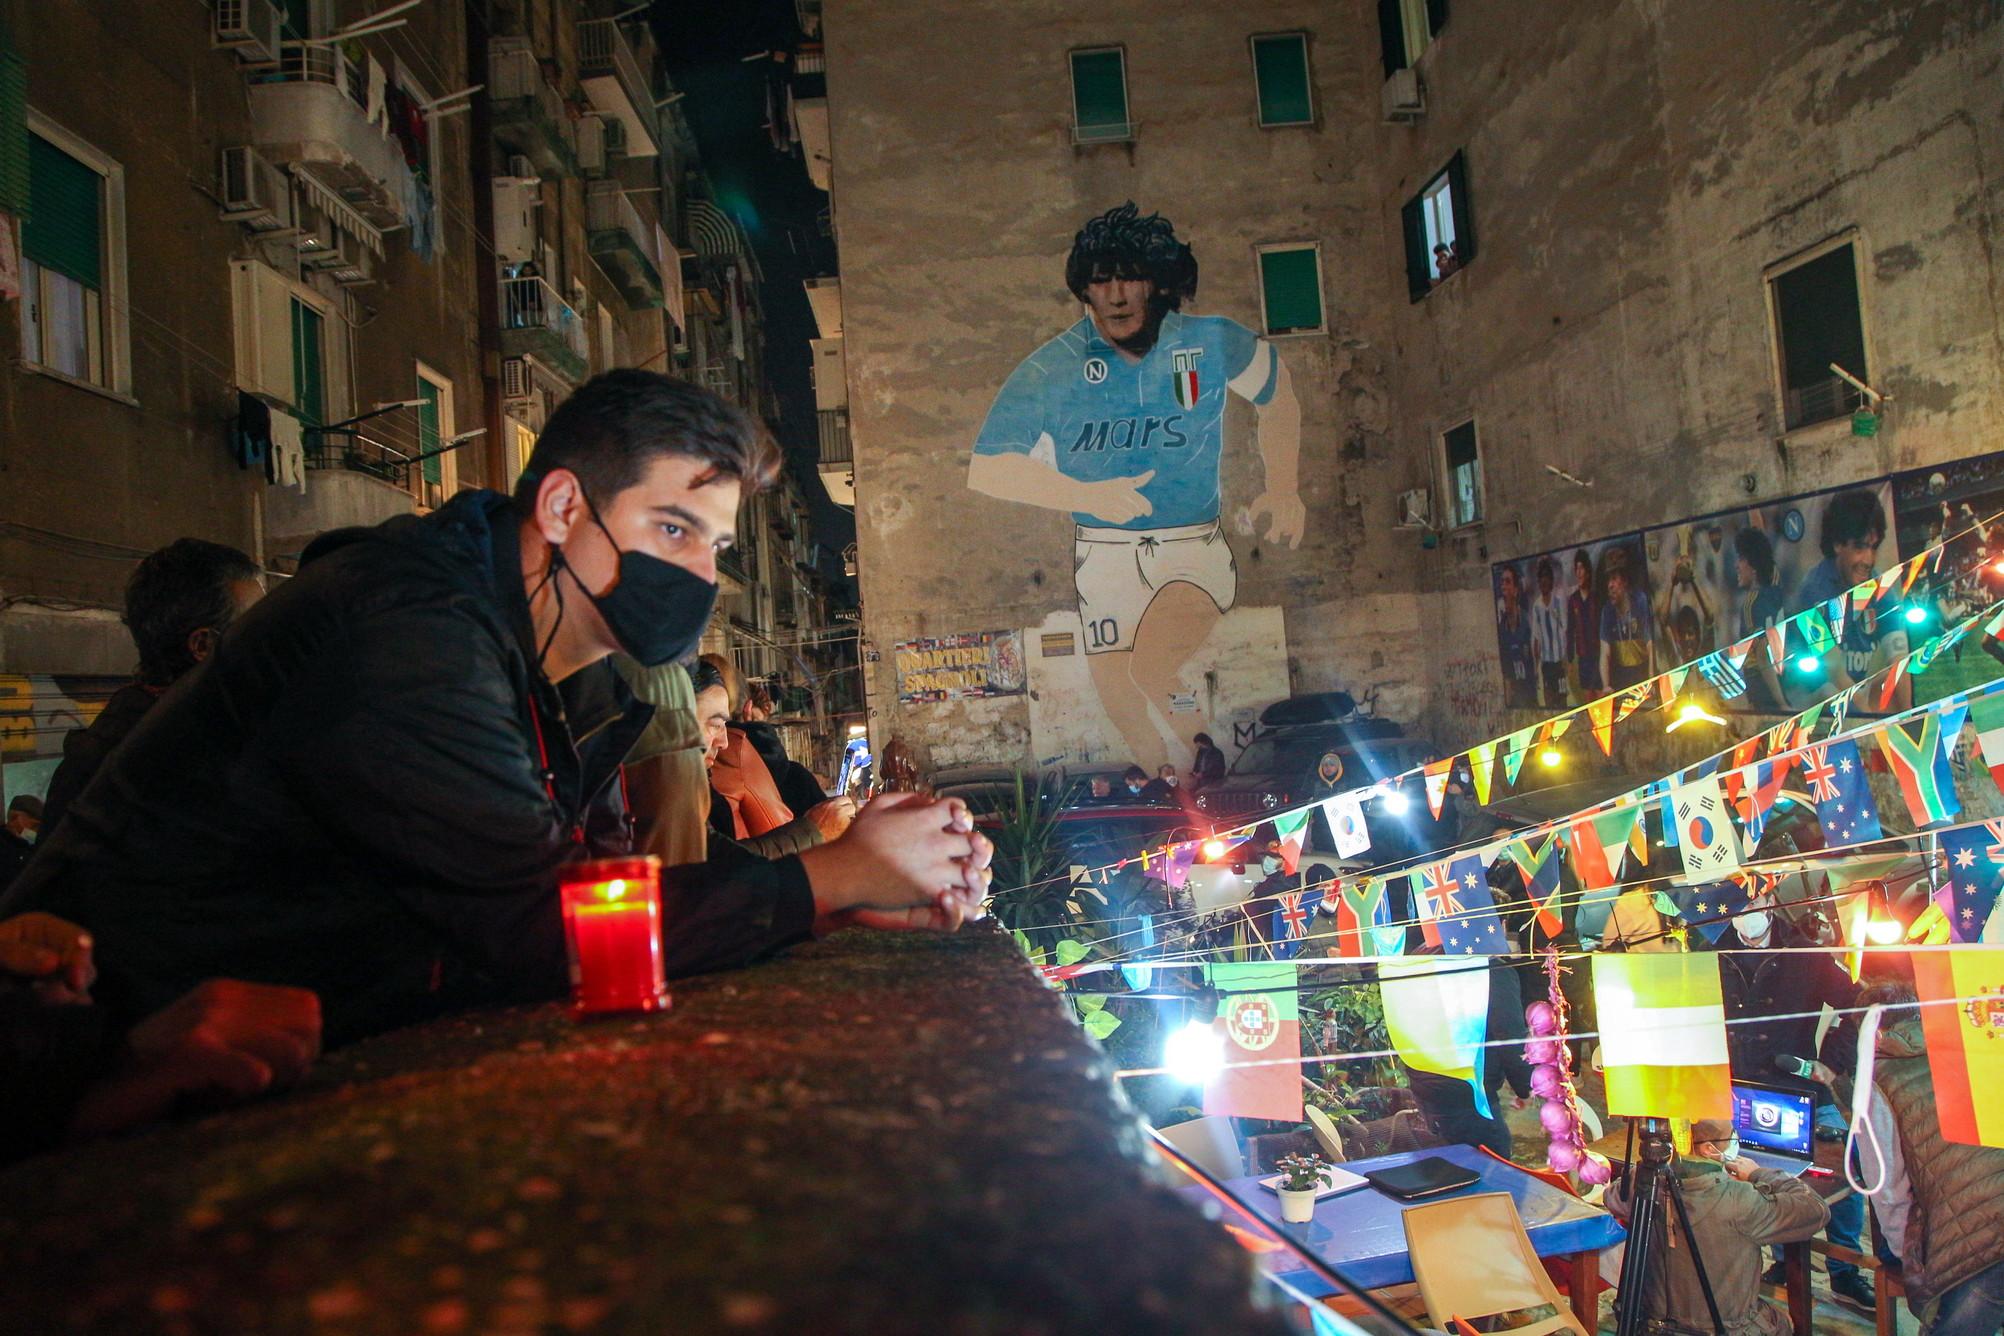 Bengala rossi&nbsp;e il&nbsp;coro &quot;Ho visto Maradona&quot;. Cos&igrave;&nbsp;i tifosi del Napoli hanno fatto partire la commemorazione dell&#39;ex asso argentino che&nbsp;ai Quartieri Spagnoli, nella piazzetta che ospita il murales di Diego. I tifosi sono continuati&nbsp;ad arrivare in una sorte di pellegrinaggio nella piazzetta&nbsp;esprimendo la loro commozione. Una tipografia ha stampato in pochissimo tempo dei manifesti di lutto con un&#39;immagine della Madonna e un pallone e la scritta: &quot;&Egrave;&nbsp;venuto a mancare Diego Armando Maradona. La Napoli che piange. Ciao Dio del calcio&quot;.&nbsp;Centinaia di napoletani si sono raccolti anche davanti allo stadio San Paolo, nell&#39;area dell&#39;ingresso della Curva B, per ricordare insieme Maradona e condividere il dolore per il lutto. I tifosi, nonostante la zona rossa e&nbsp;il coprifuoco per il covid, si sono ritrovati spontaneamente, tutti con le mascherine, portando sciarpe, foto, disegni dei bambini e legandoli alle transenne dello stadio. Davanti ai cancelli sono state accese candele e posati mazzi di fiori.<br /><br />